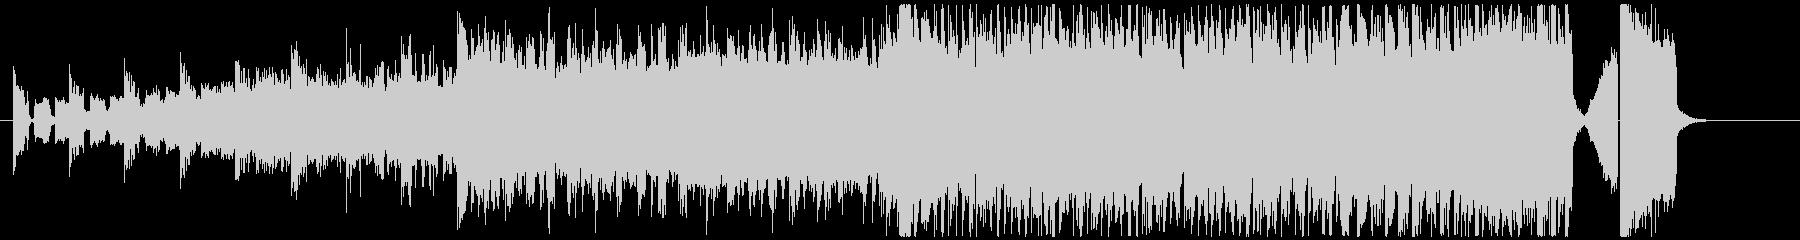 カーチェイス、戦闘シーンのBGMの未再生の波形